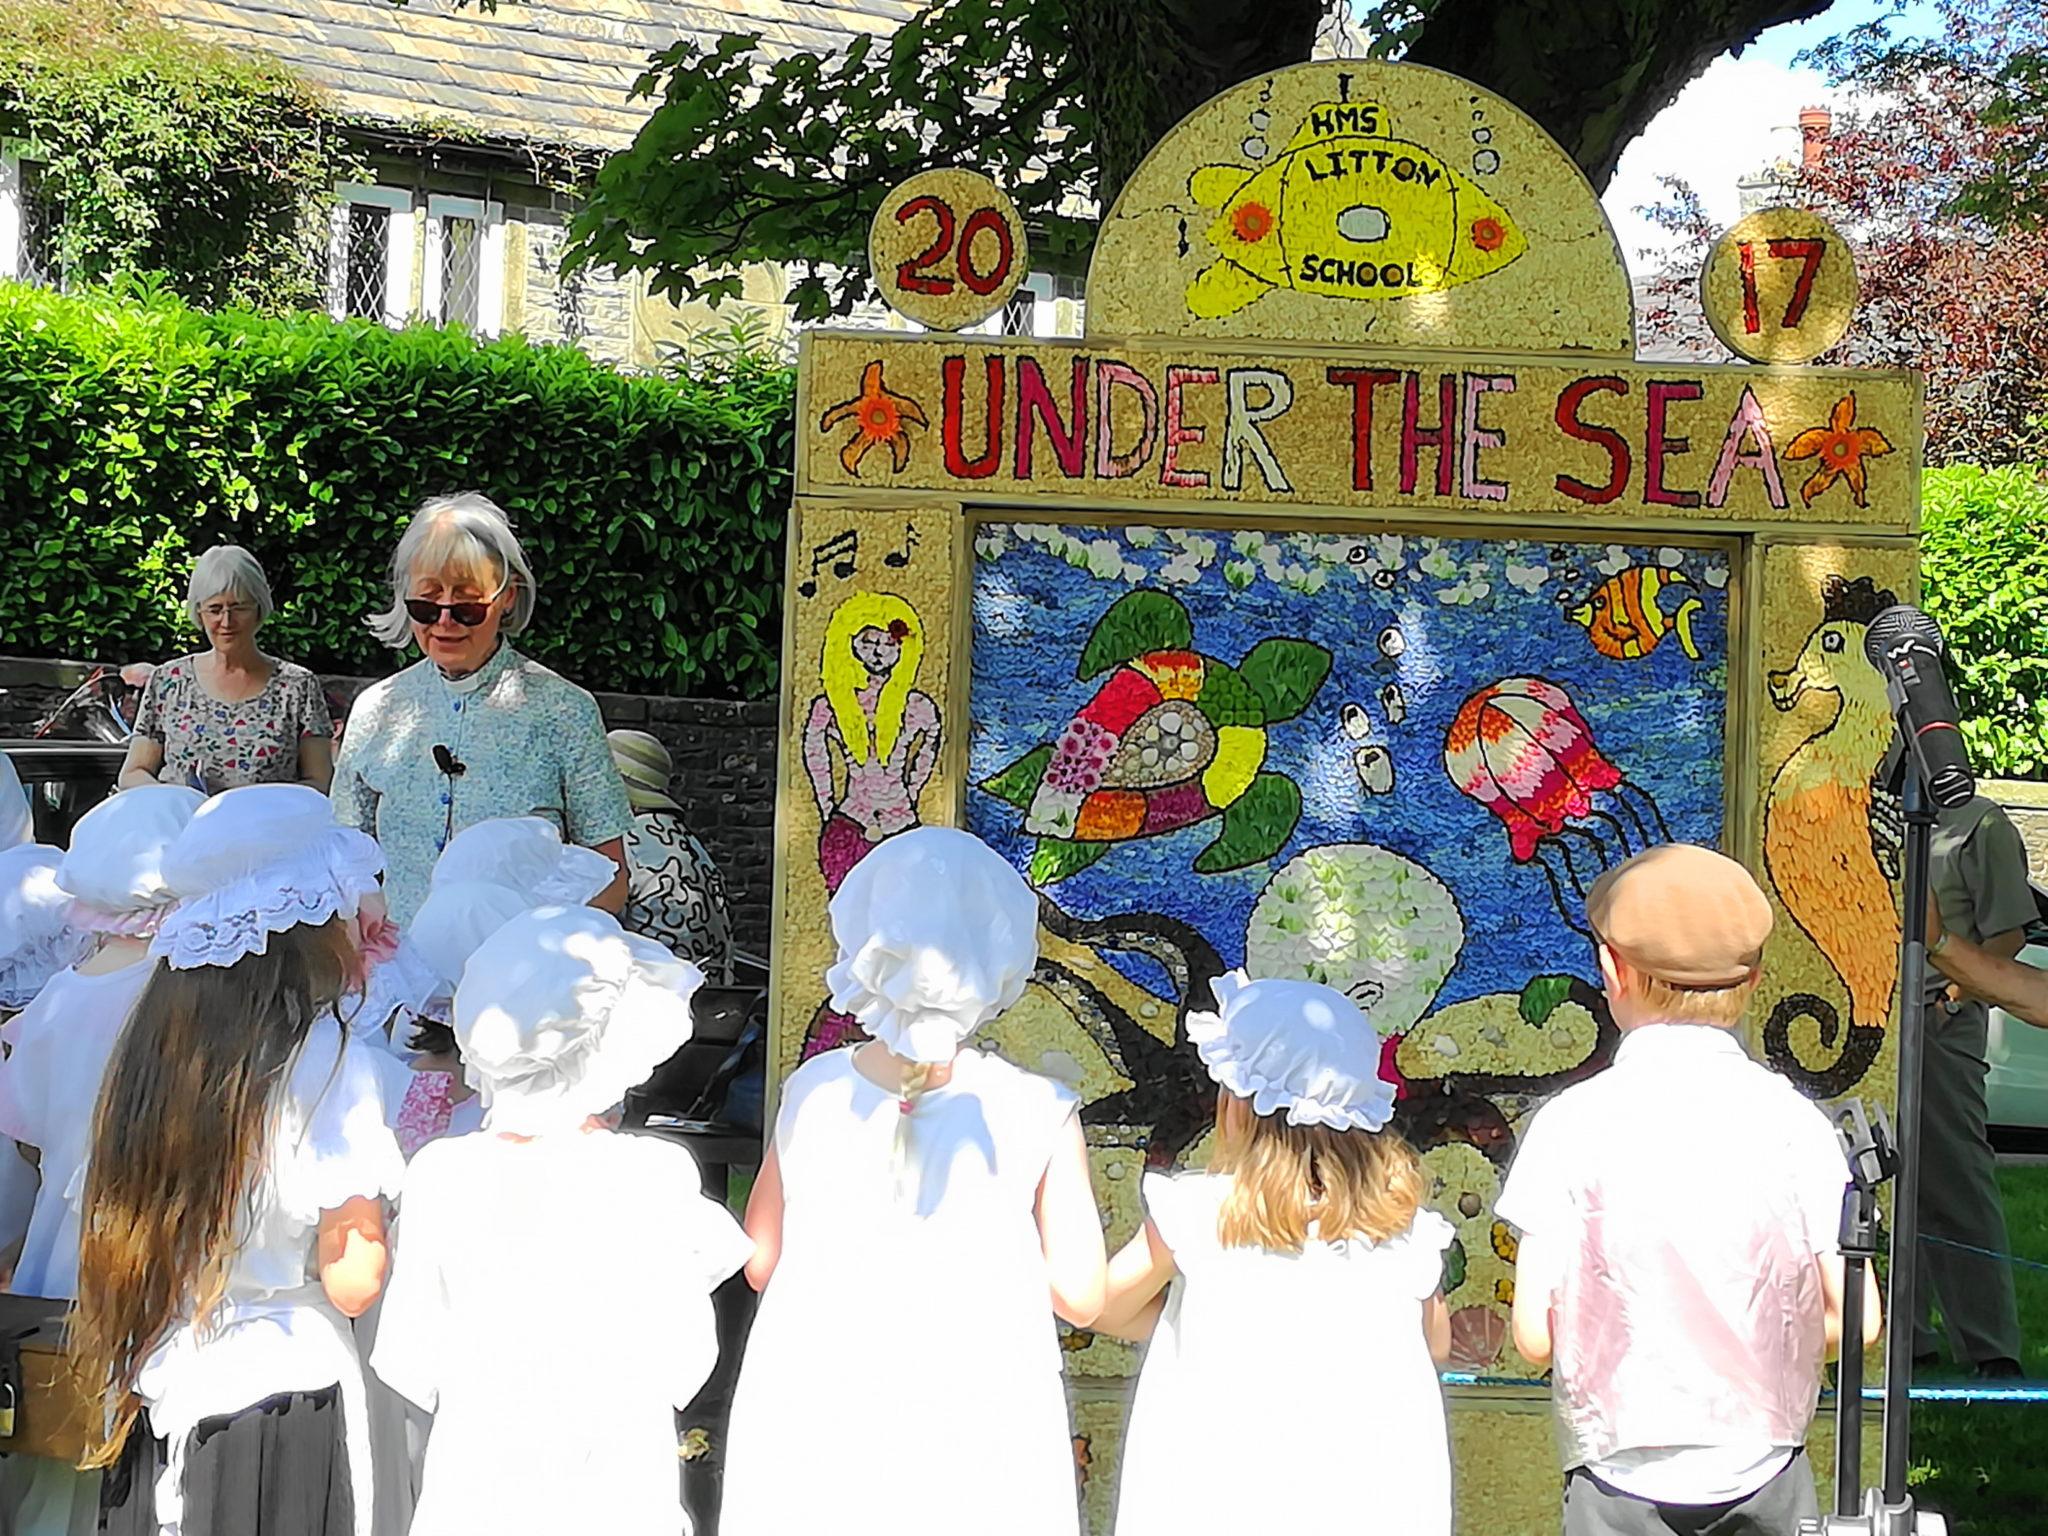 2017 Blessing the children's well dressing